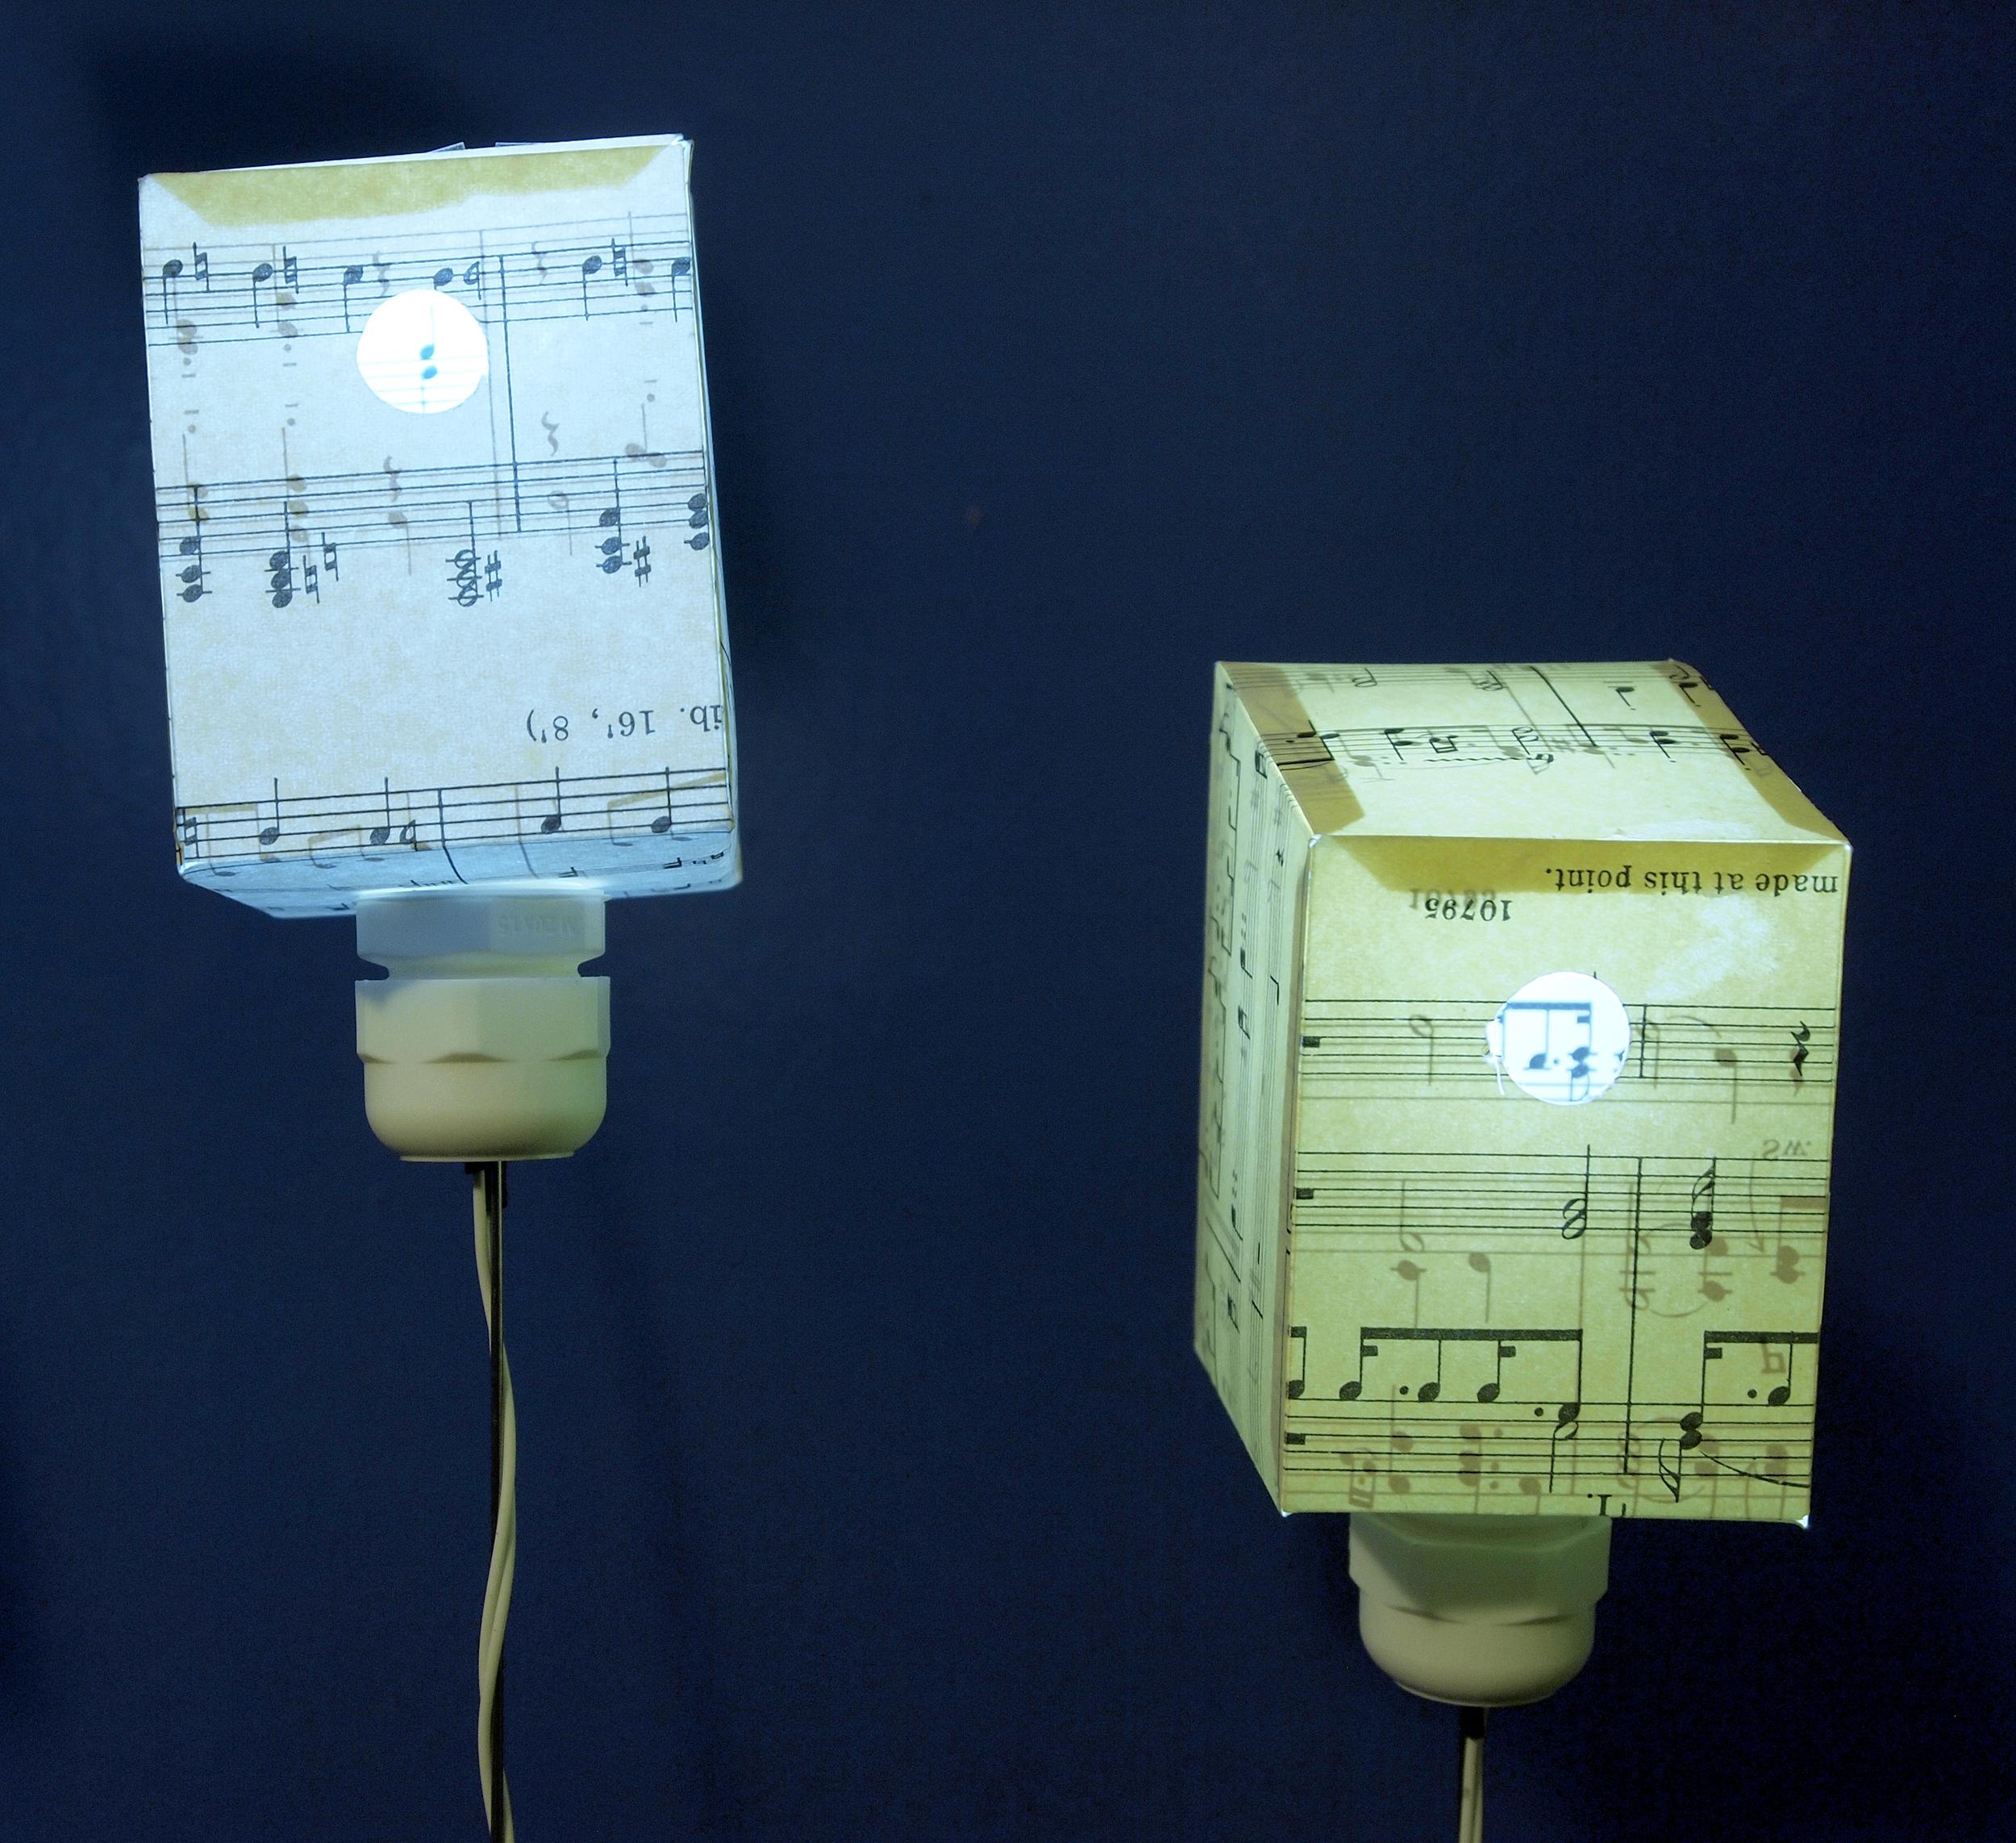 making notes, two illuminated birdboxes